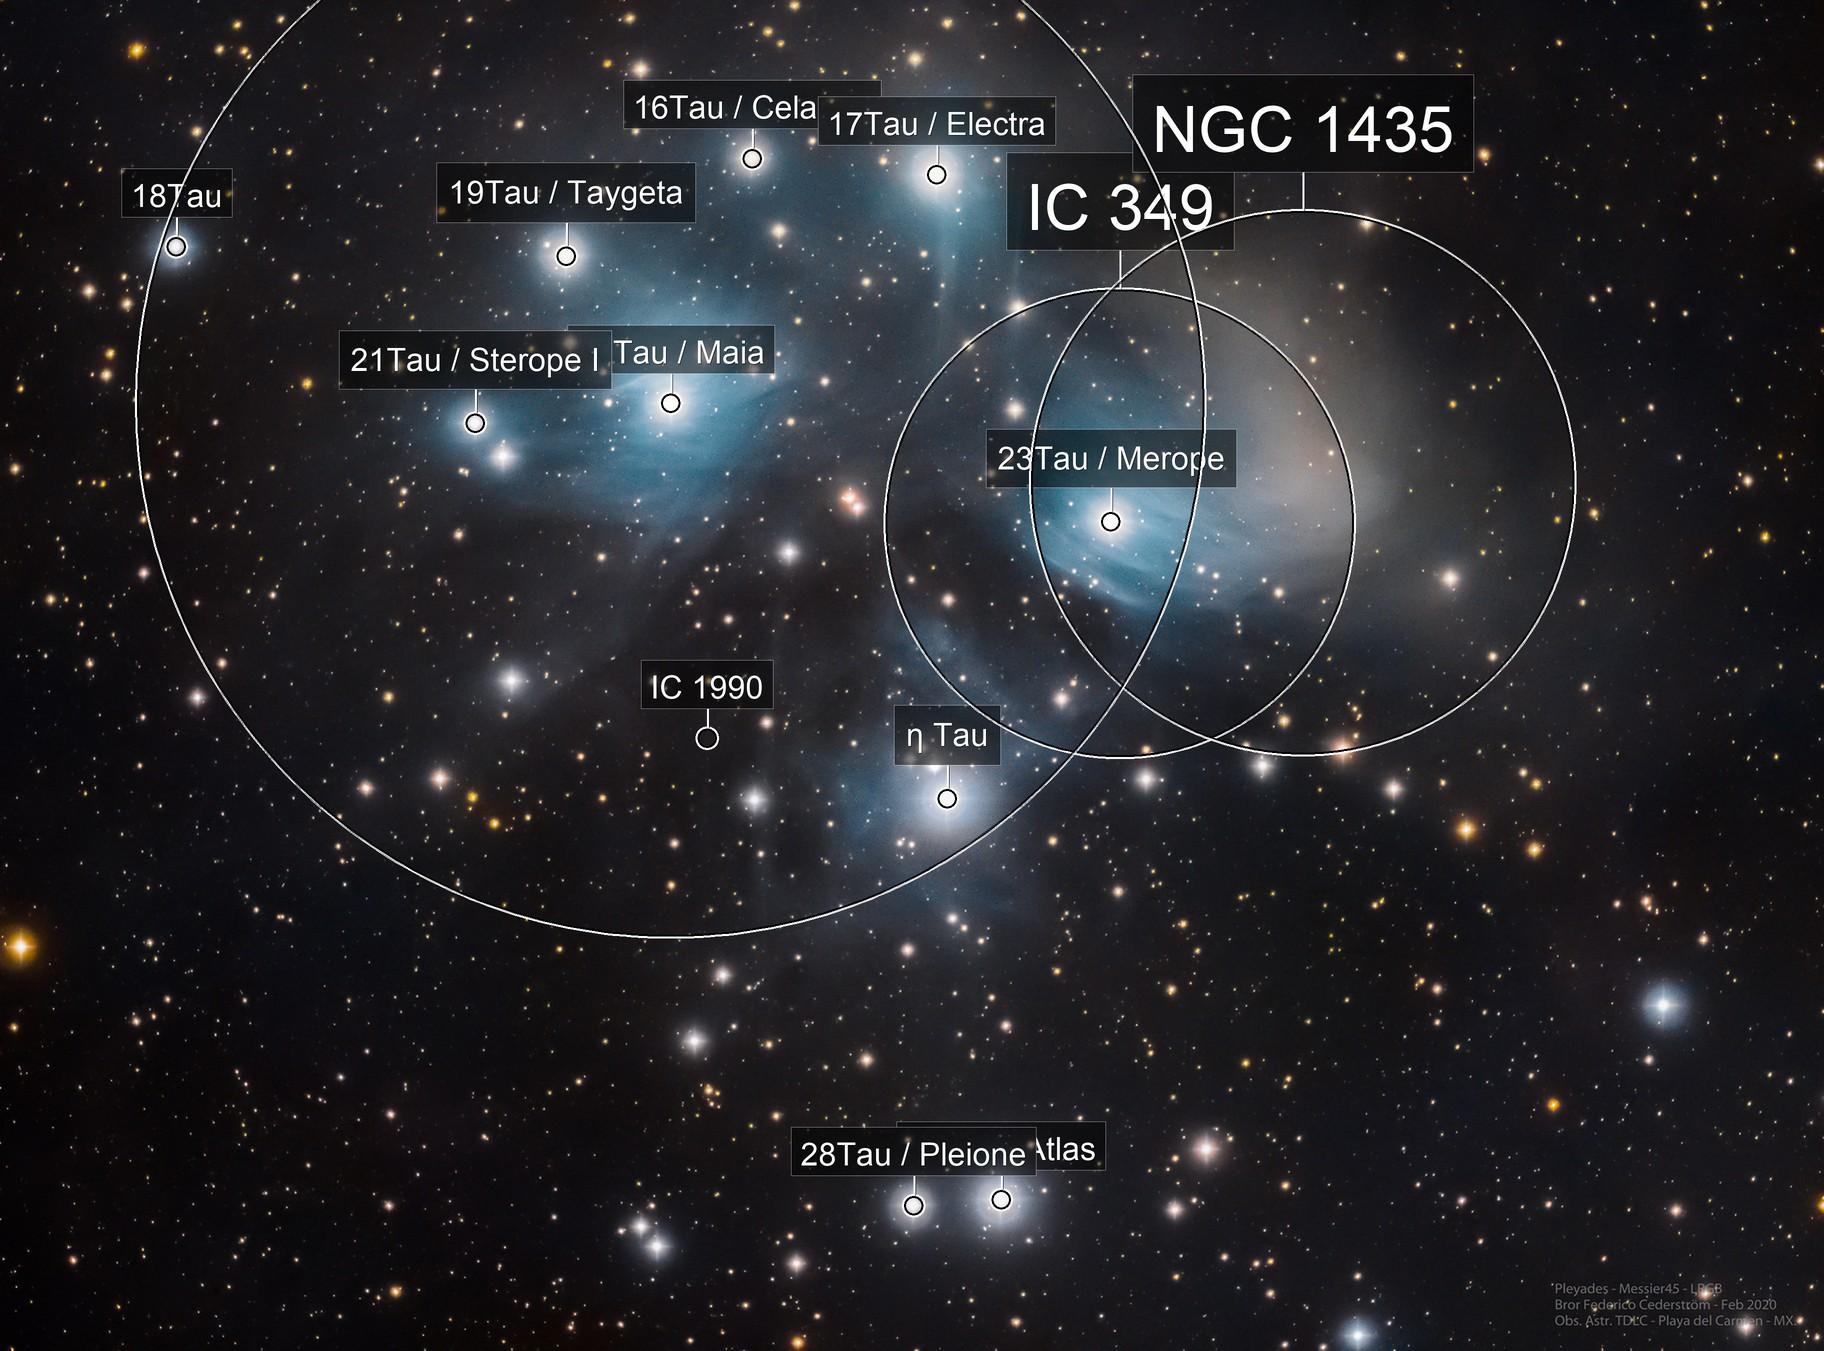 Pleyades - Messier 45 LRGB